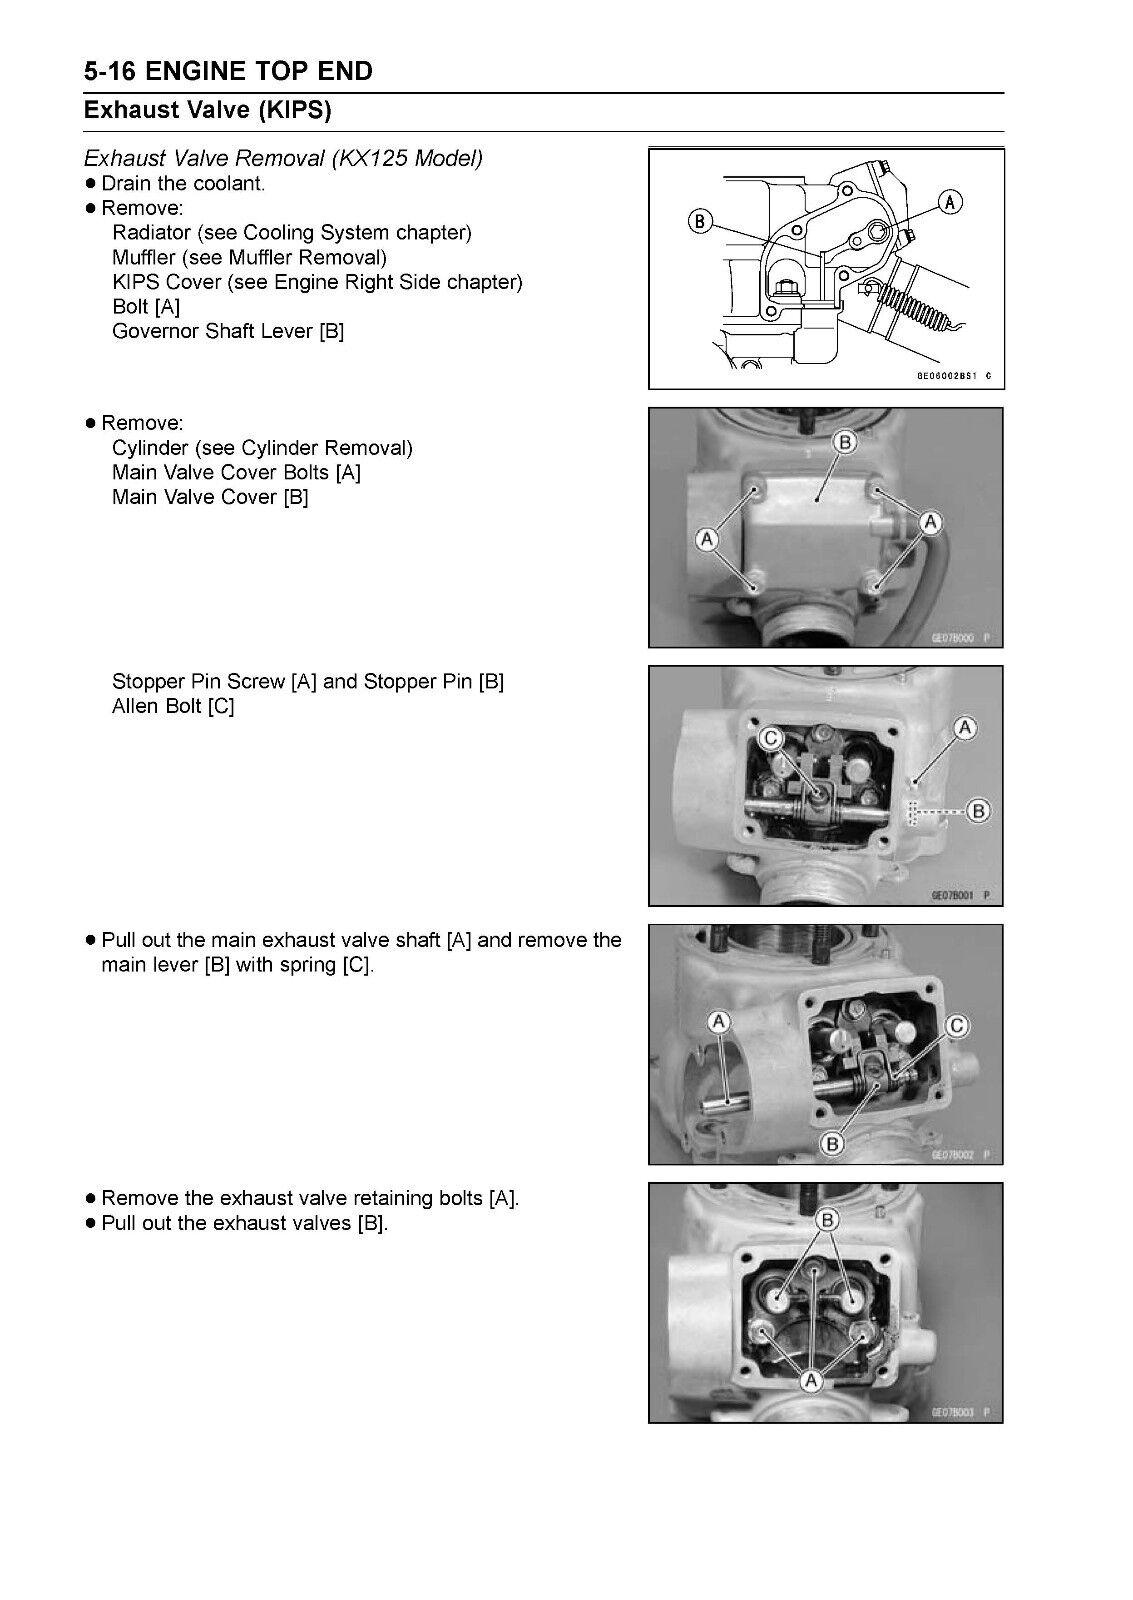 7 of 12 Kawasaki service manual 2003 KX125 & KX250, 2004 KX125 & KX250 &  2005 KX125